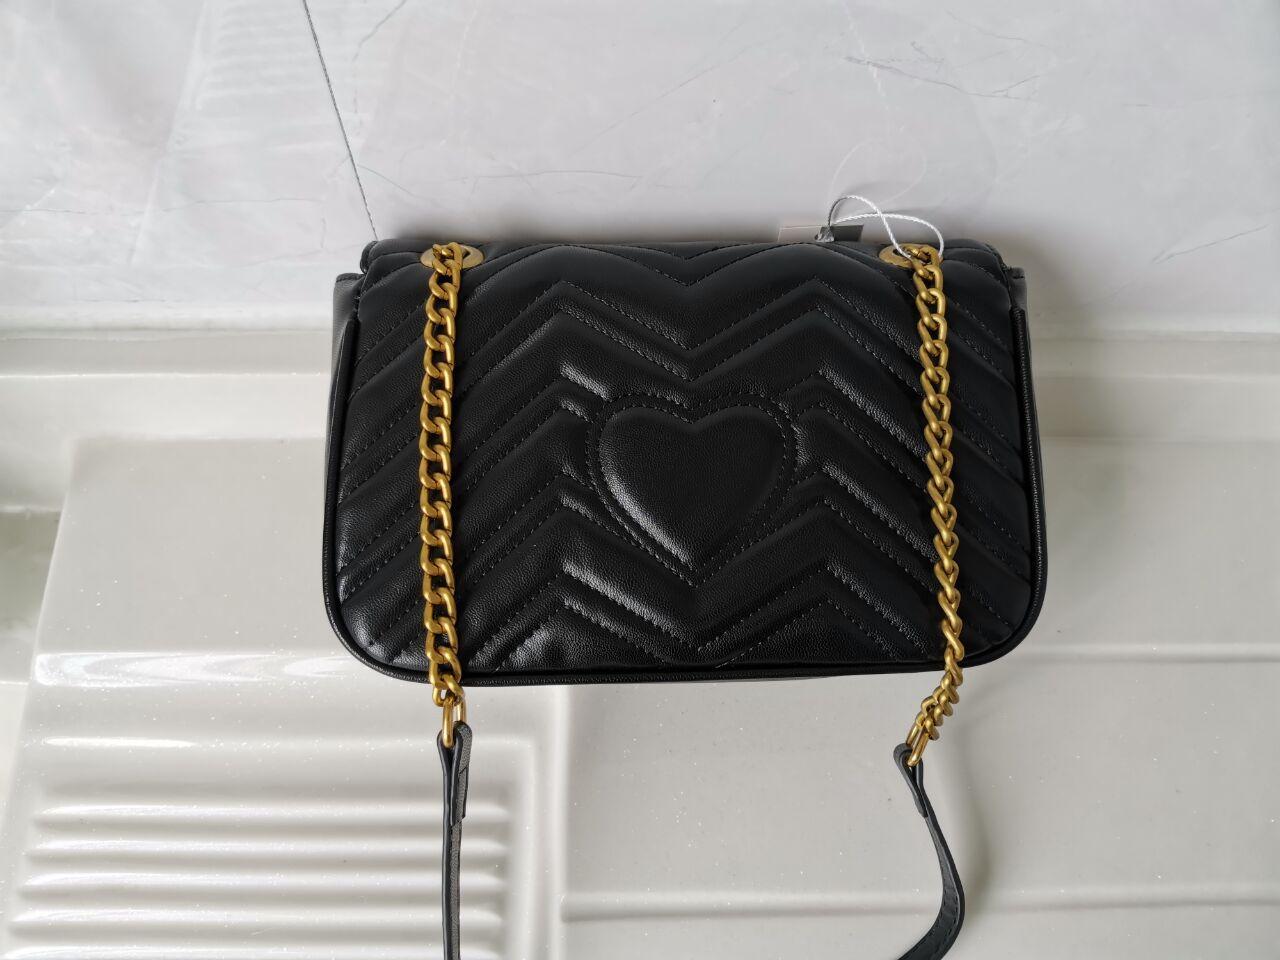 Classic PU mujeres de la cadena del cuero crossbody oro Marmont bolsas bolsos de hombro bolsa de mano 1424gfg